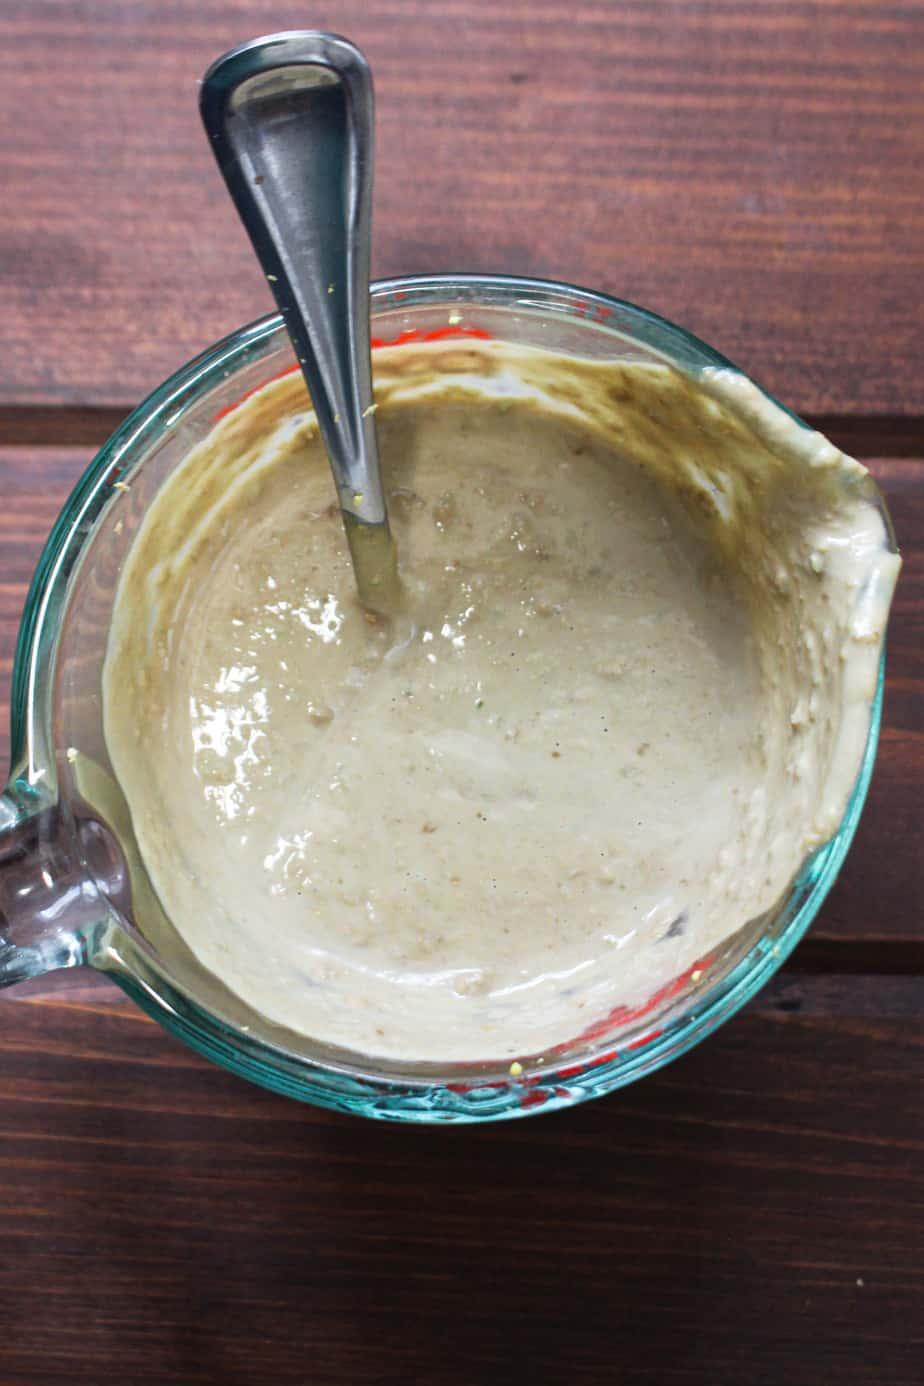 pyrex dish with tan sauce